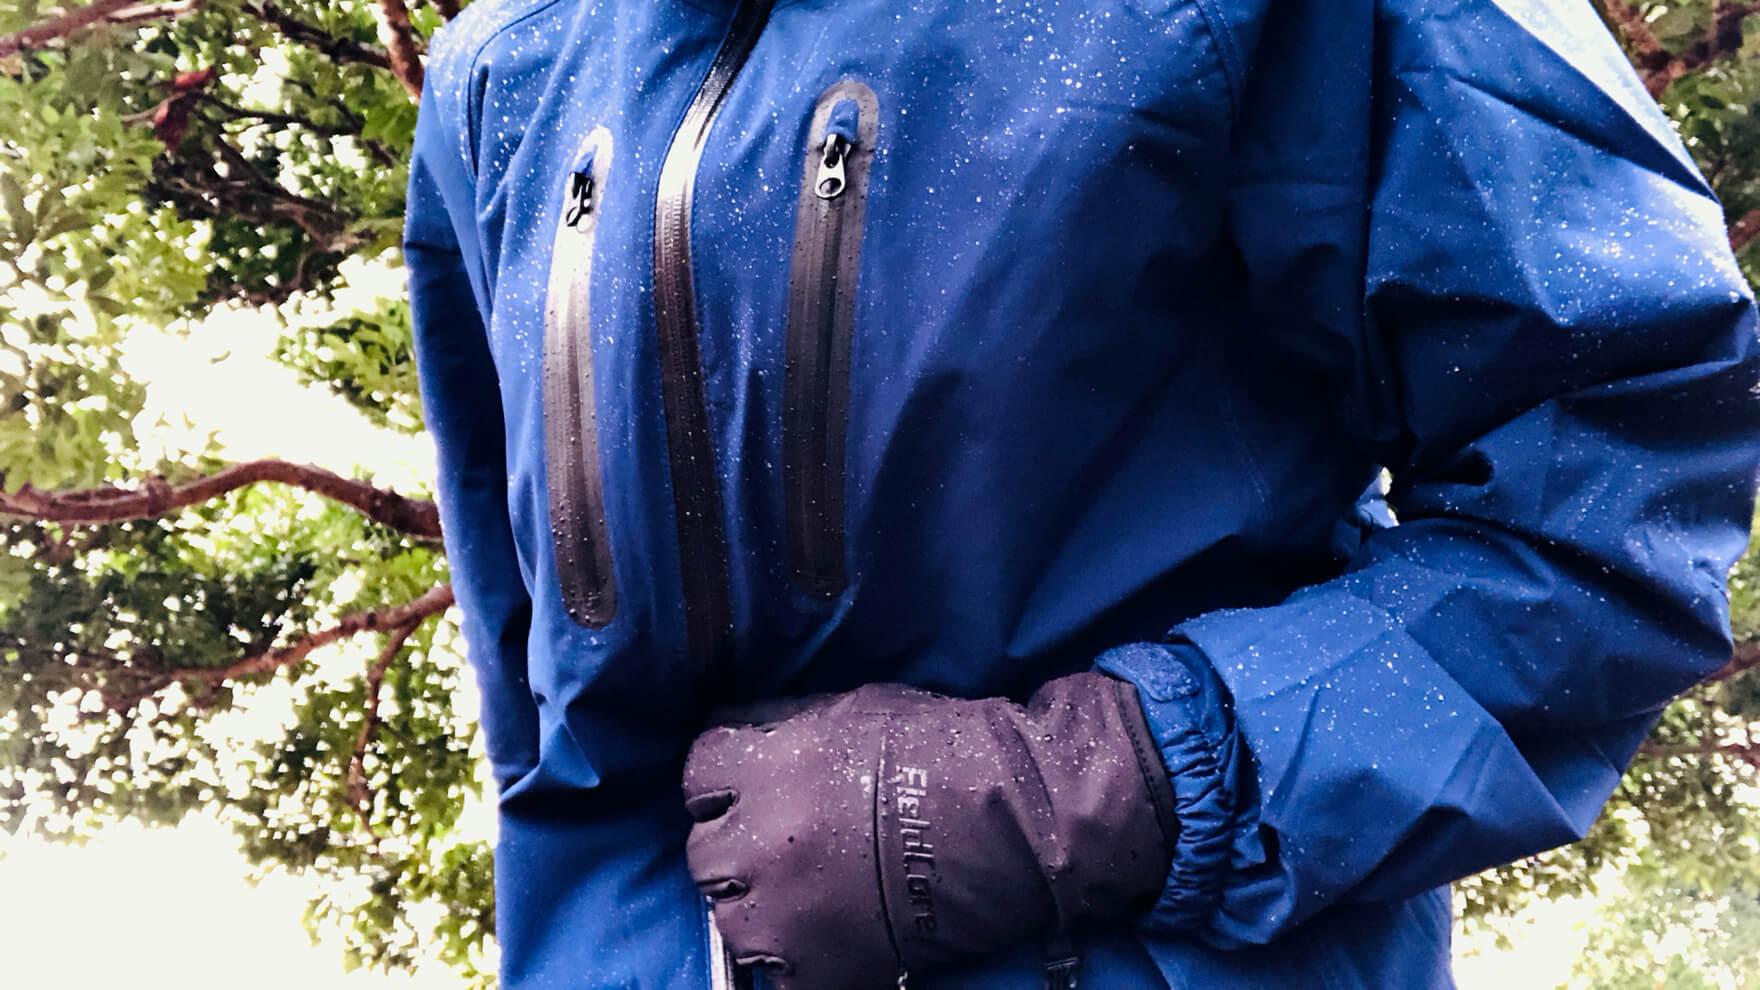 アンバサダーがワークマンの秋冬新作をチェック!【2】 冬の山歩きに使えそうな冬用レインウェアを試してみた